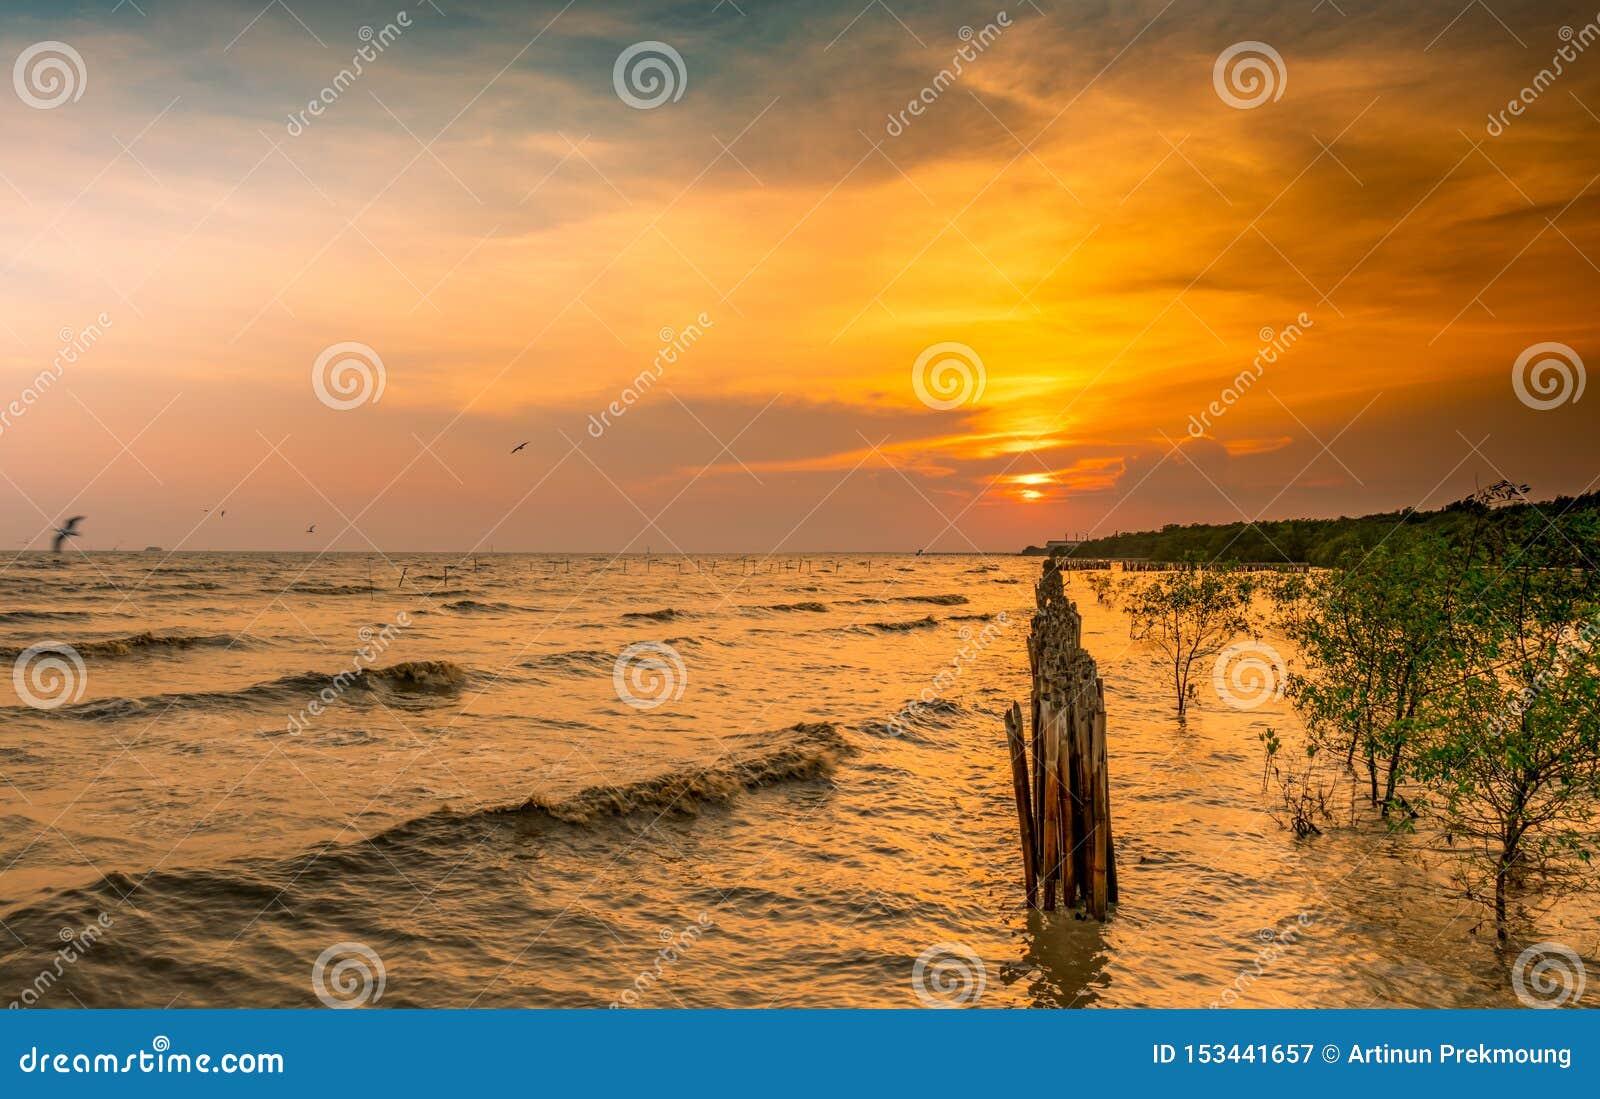 Il bello cielo del tramonto e si rannuvola il mare Volo dell uccello vicino all ecosistema della mangrovia della foresta della ma